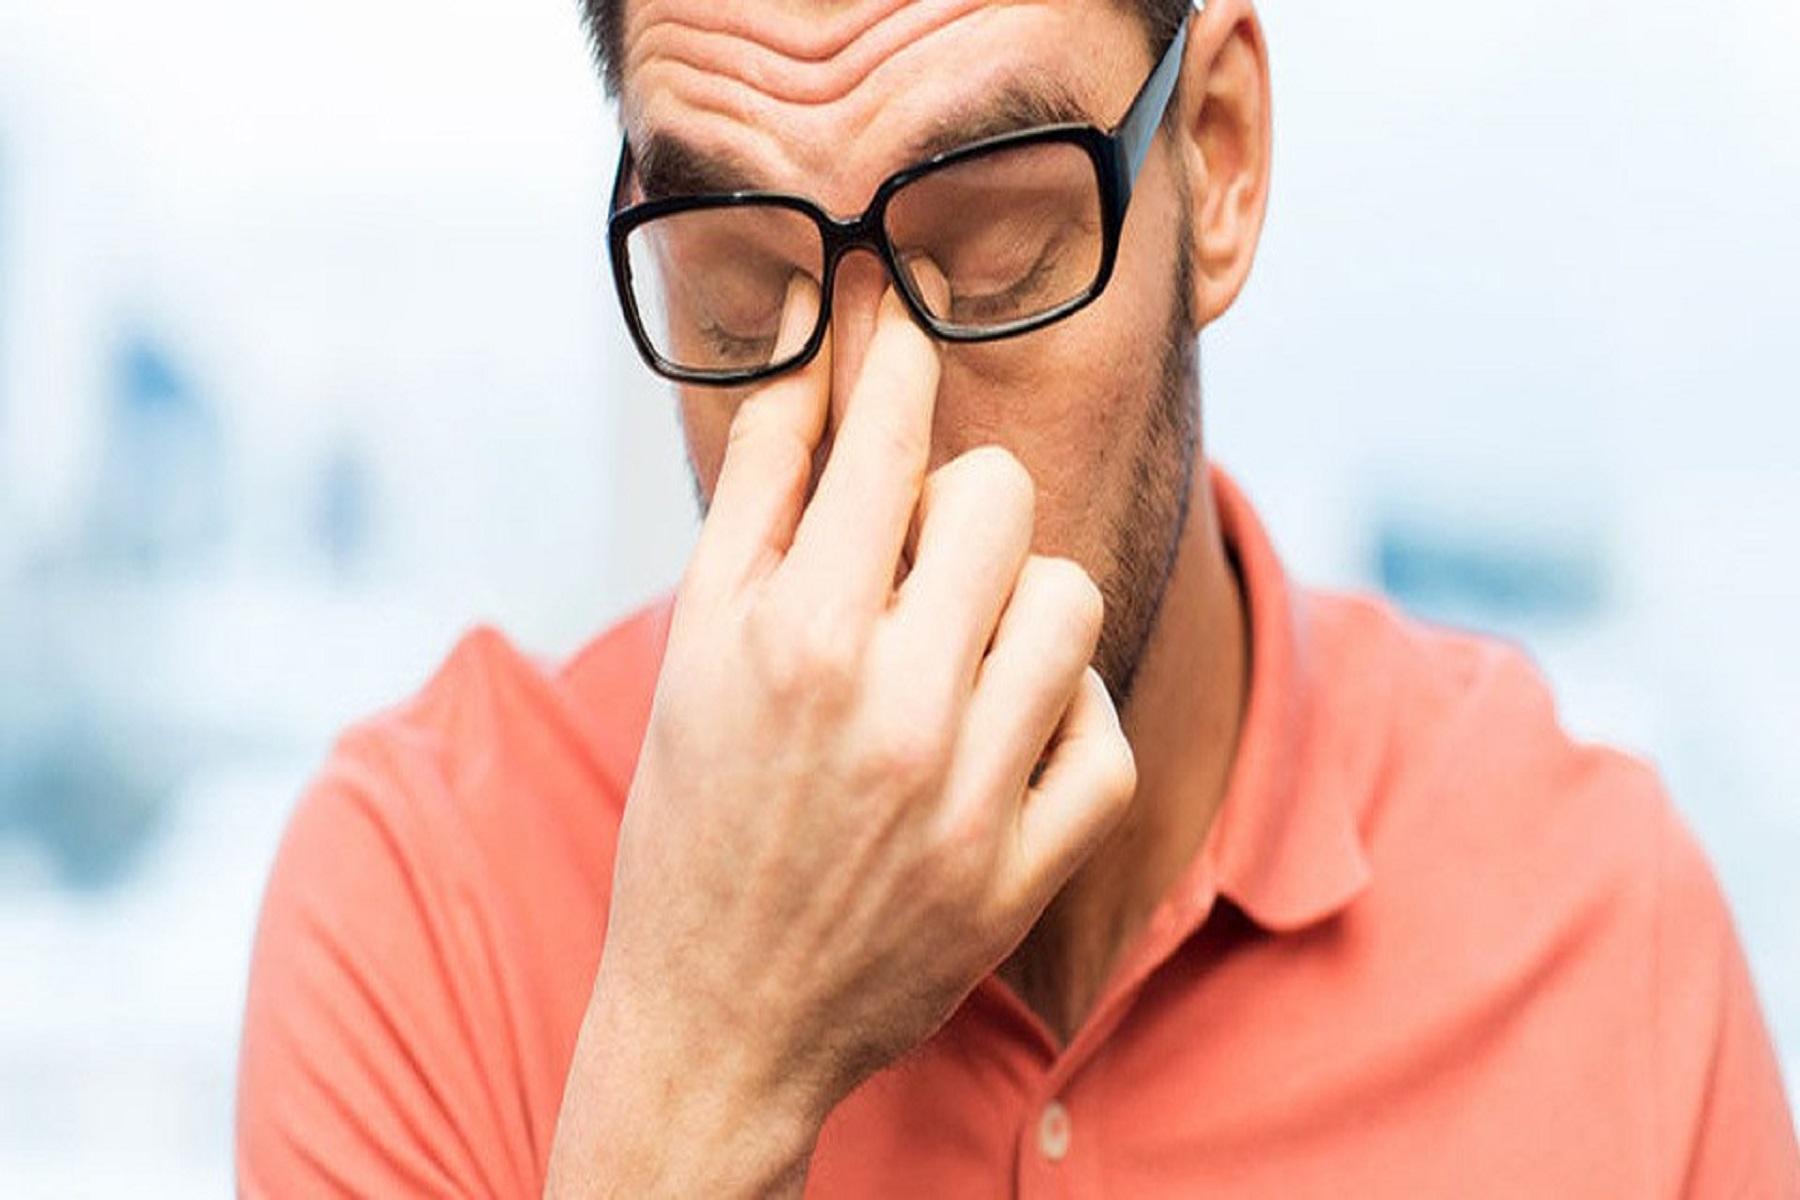 Πάθηση Μάτια: Πώς να αντιμετωπίσετε την ξηροφθαλμία – Η κατάσταση επηρεάζει εκατομμύρια Αμερικανούς